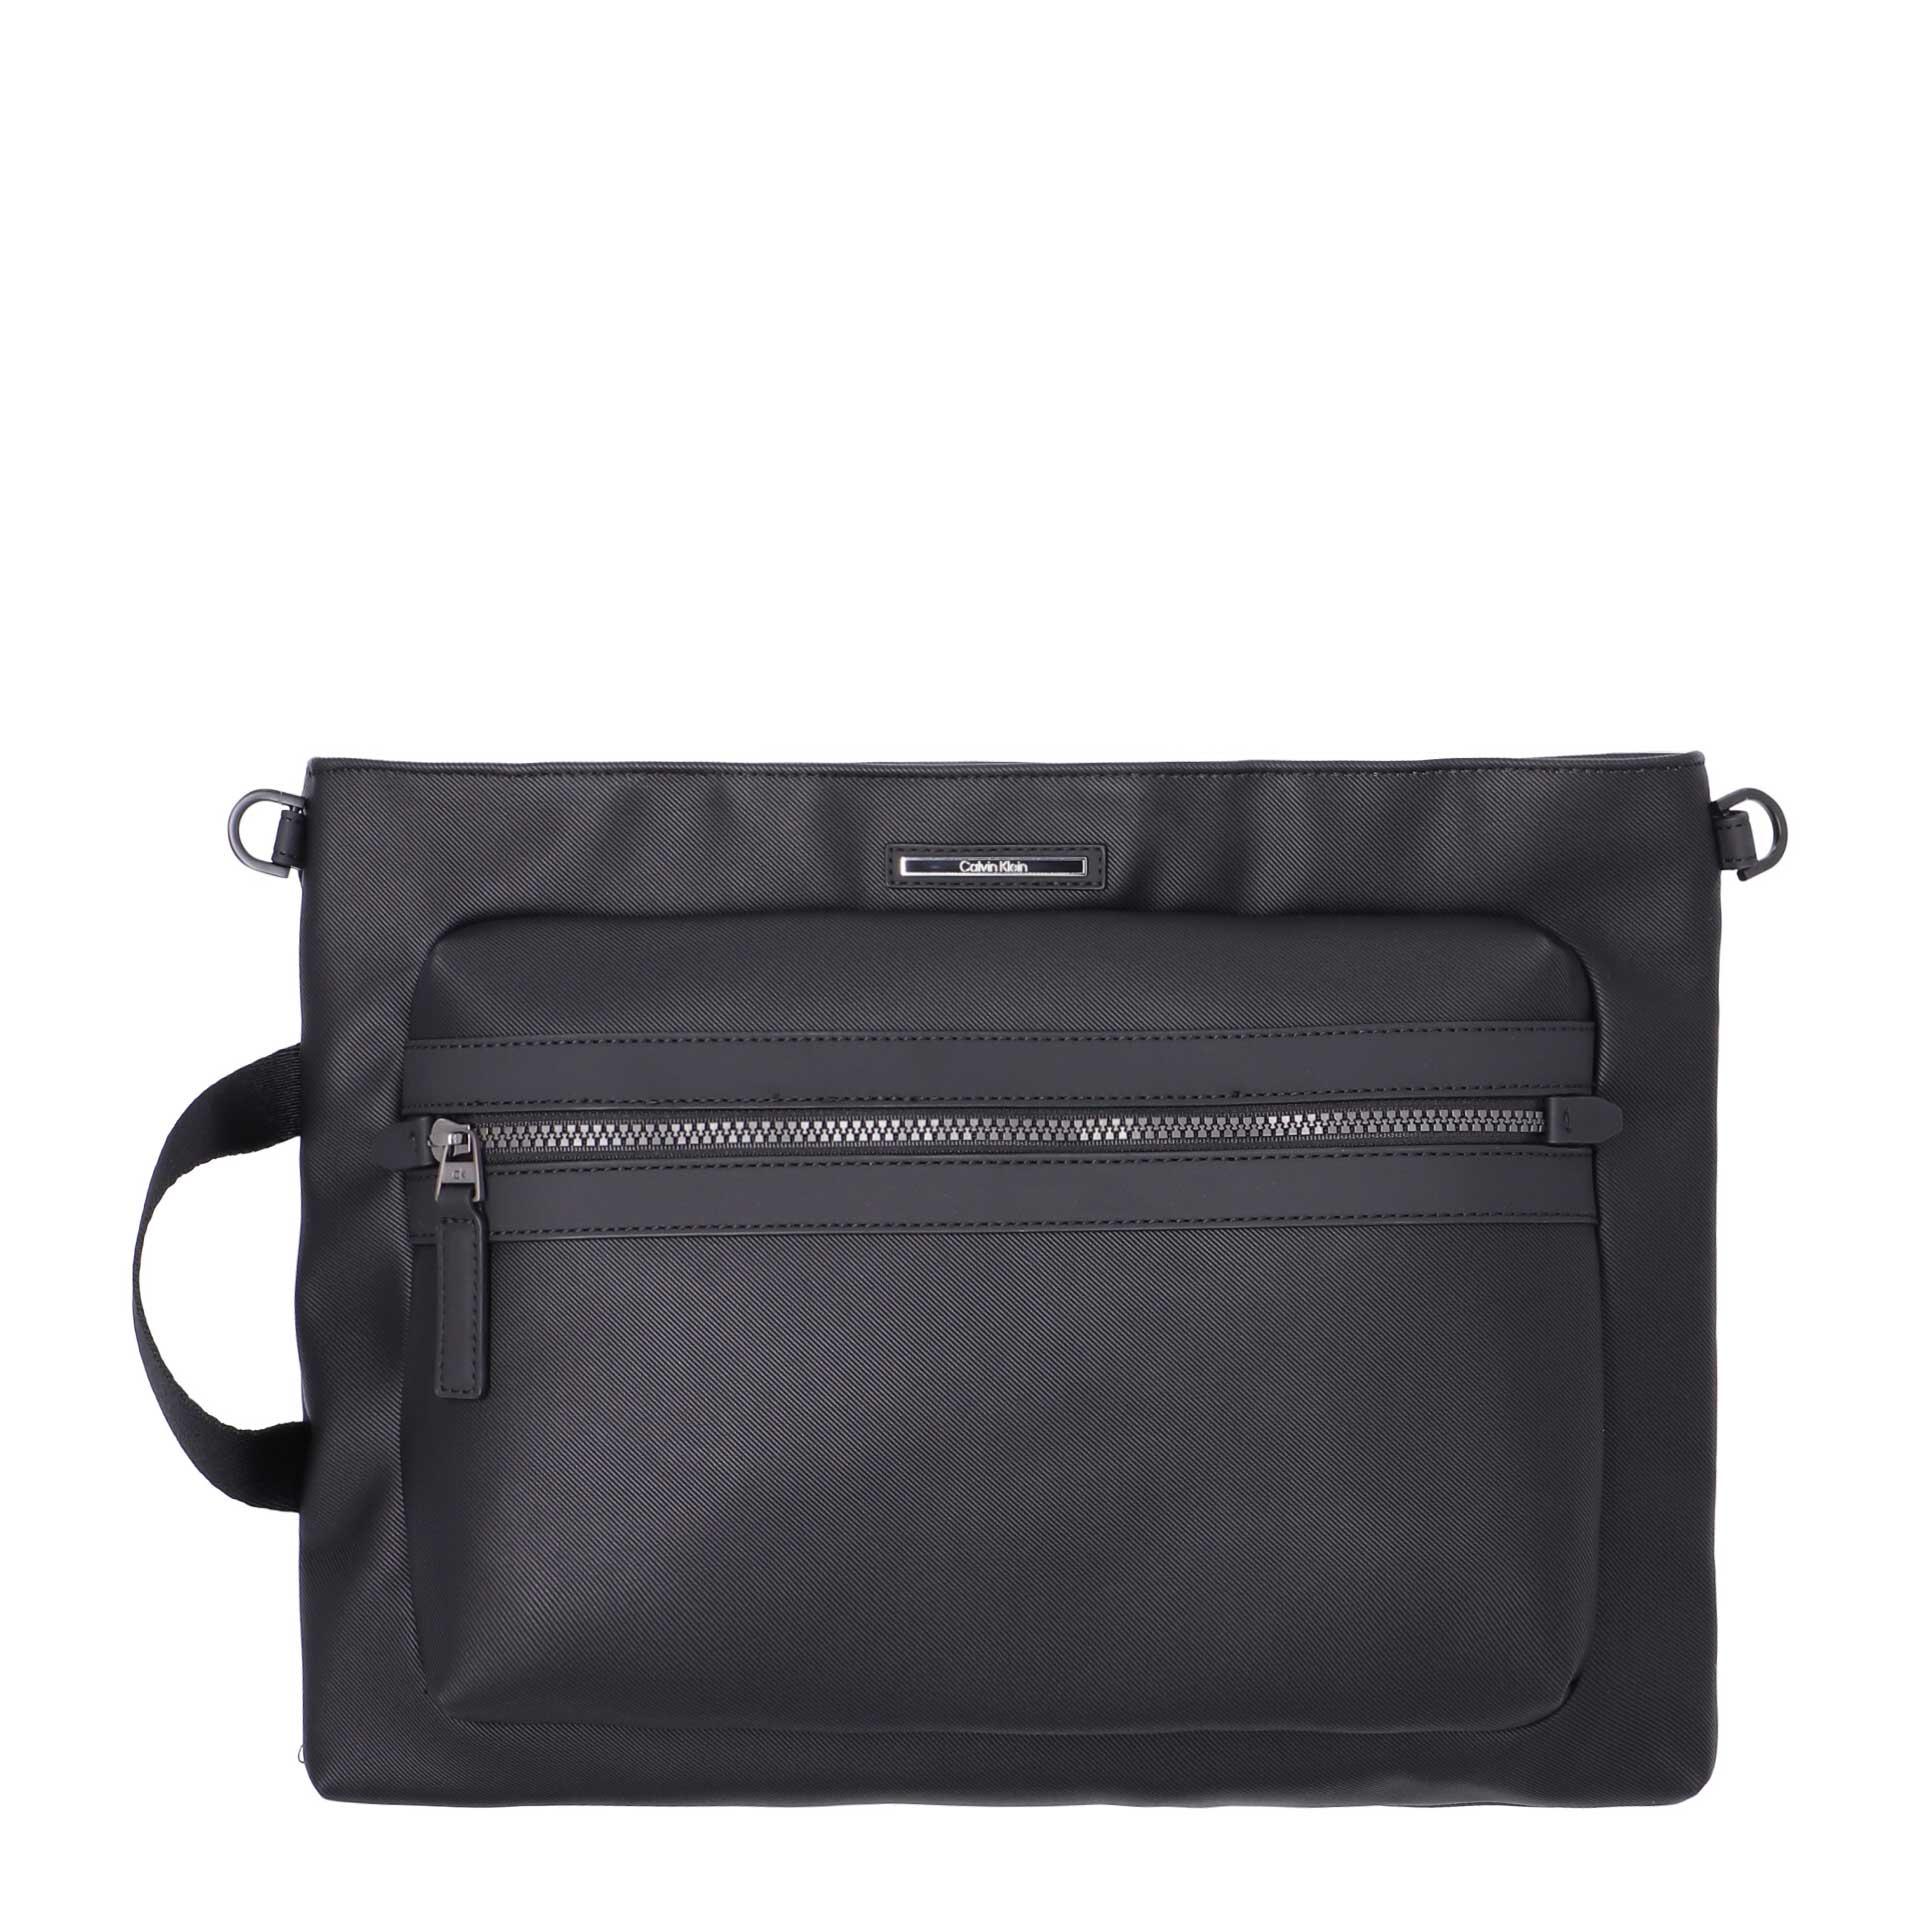 Calvin Klein CK Commute Laptoptasche black